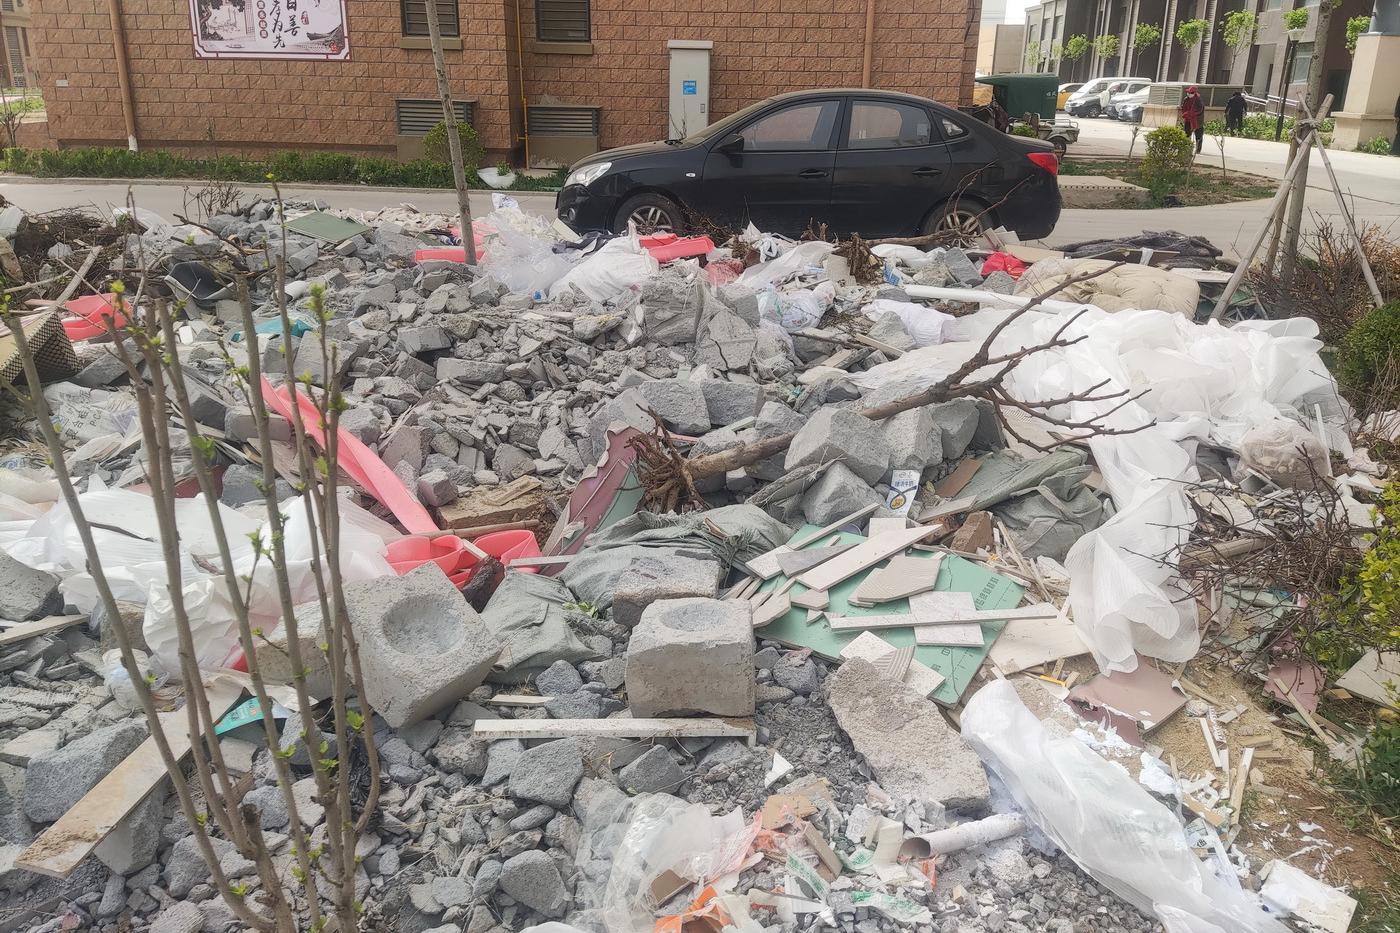 山东:滨州《绿茵四季花城》尘土飞扬 垃圾横飞如坟场